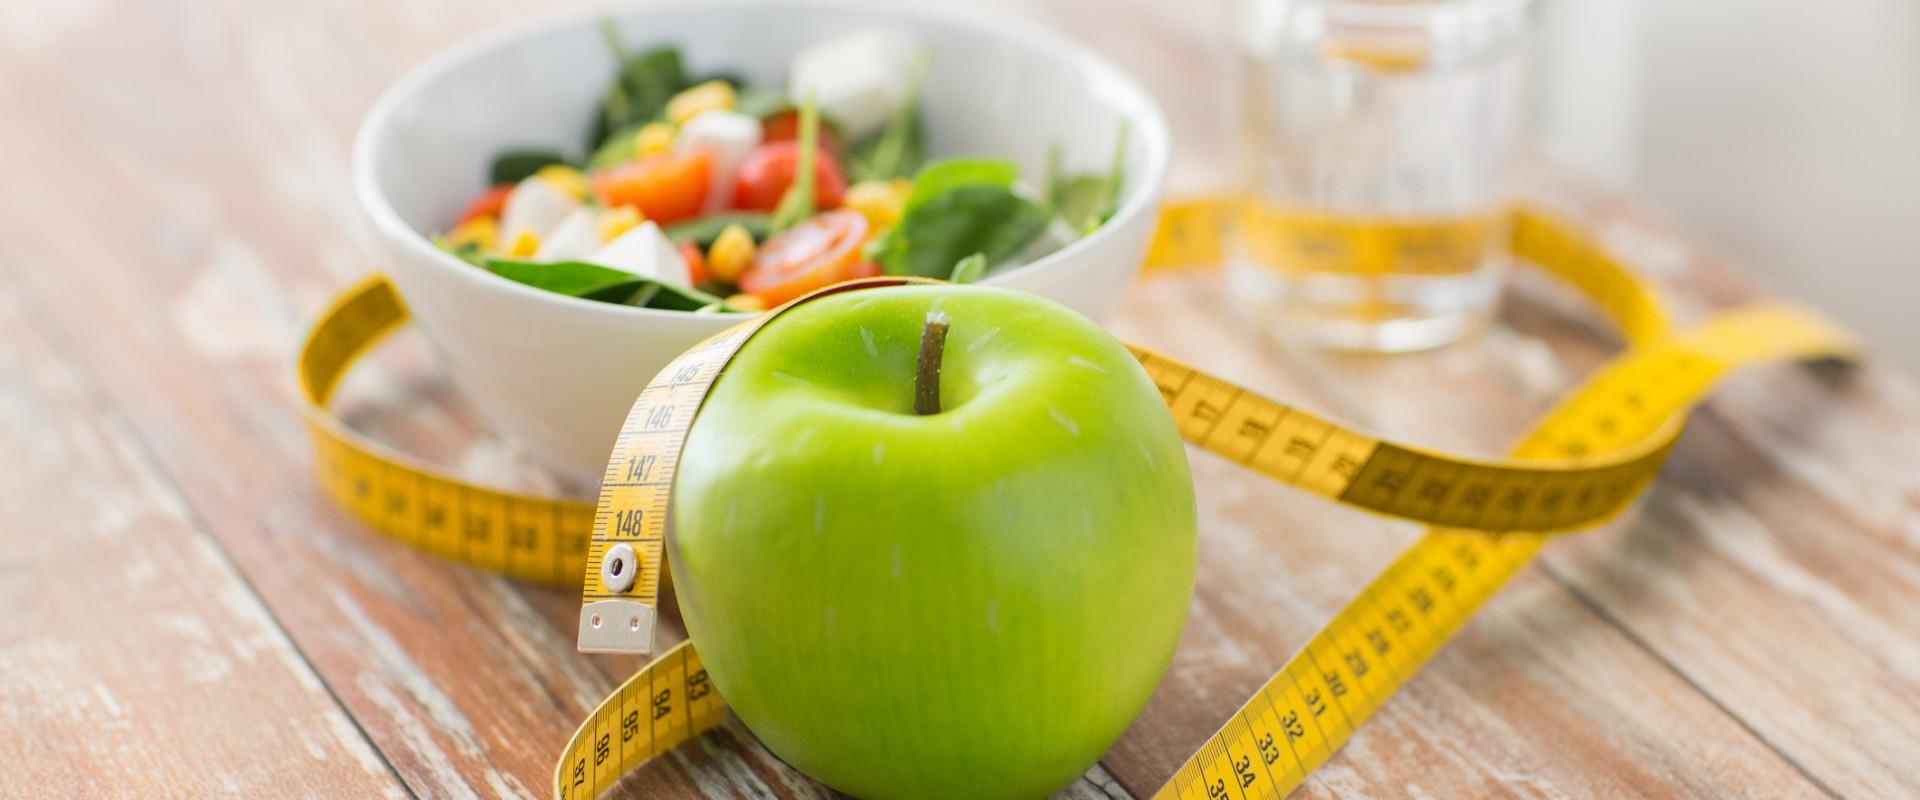 Más comida, menos ejercicio: la clave para bajar de peso